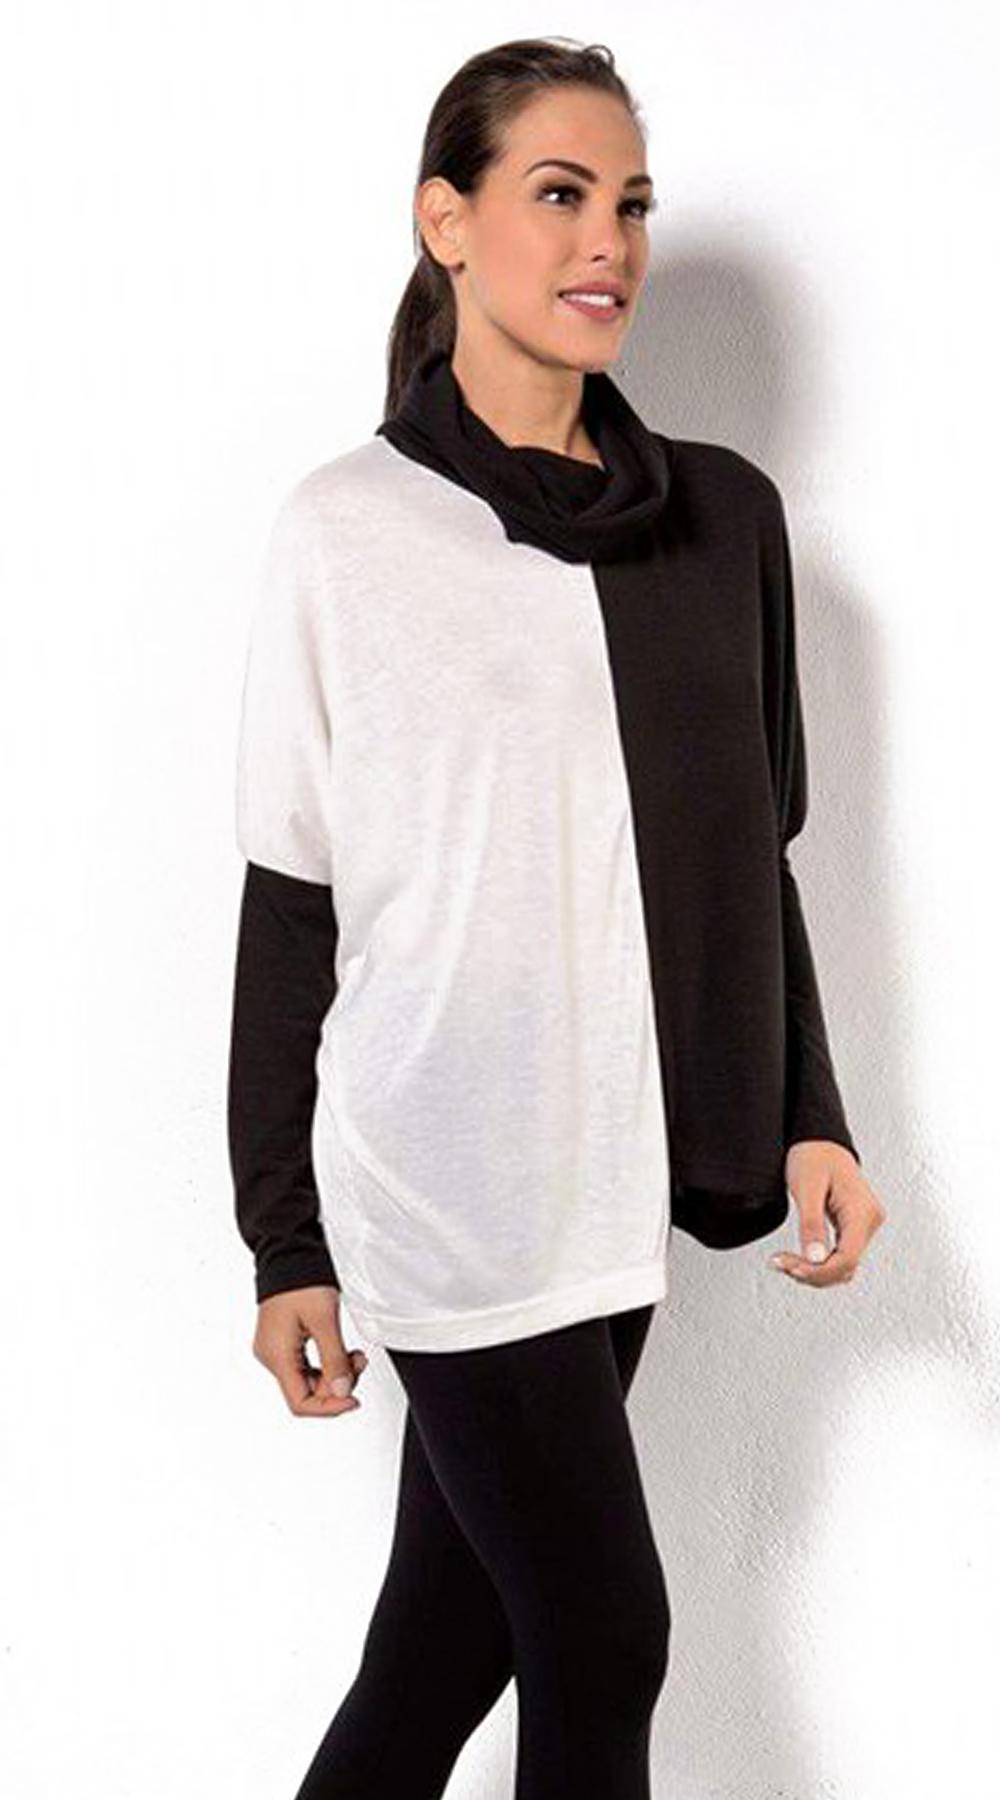 Γυναικεία μπλούζα ζιβάγκο casual chess - OEM - FW17CM-11065 μπλούζες   t shirts elegant tops